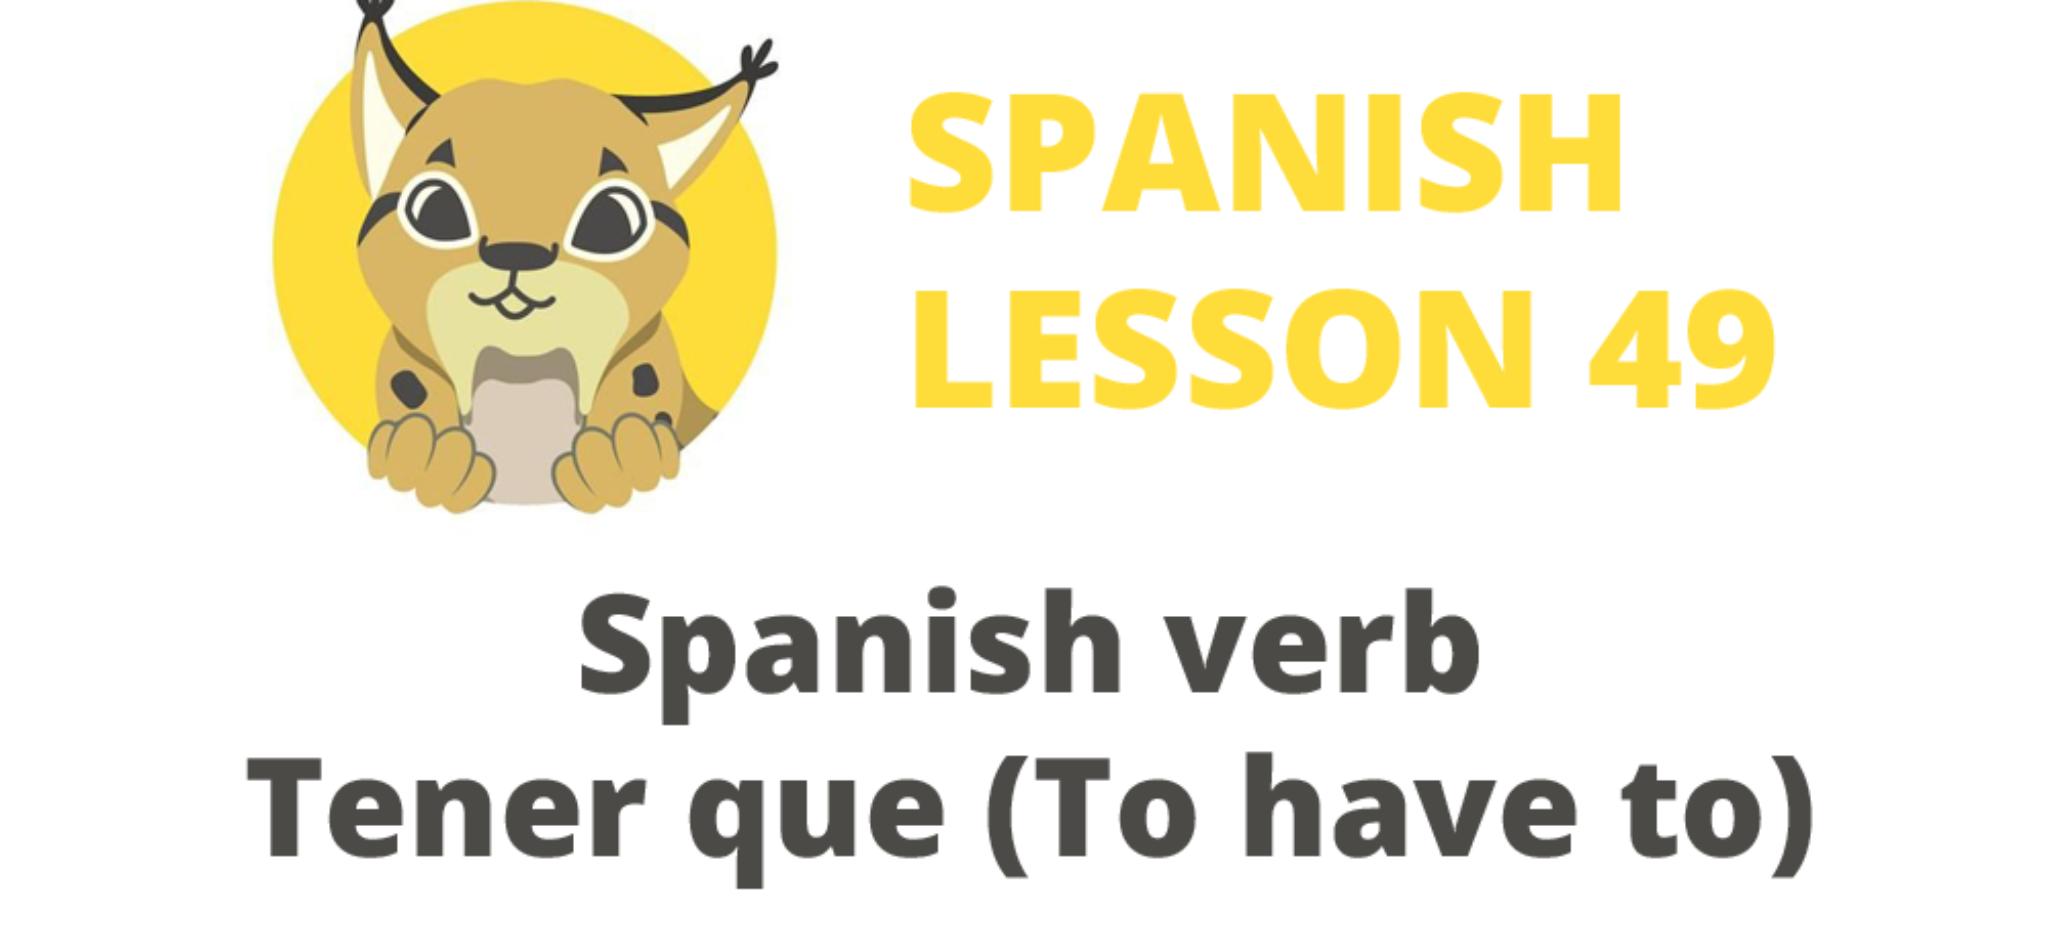 spanish verb tener que